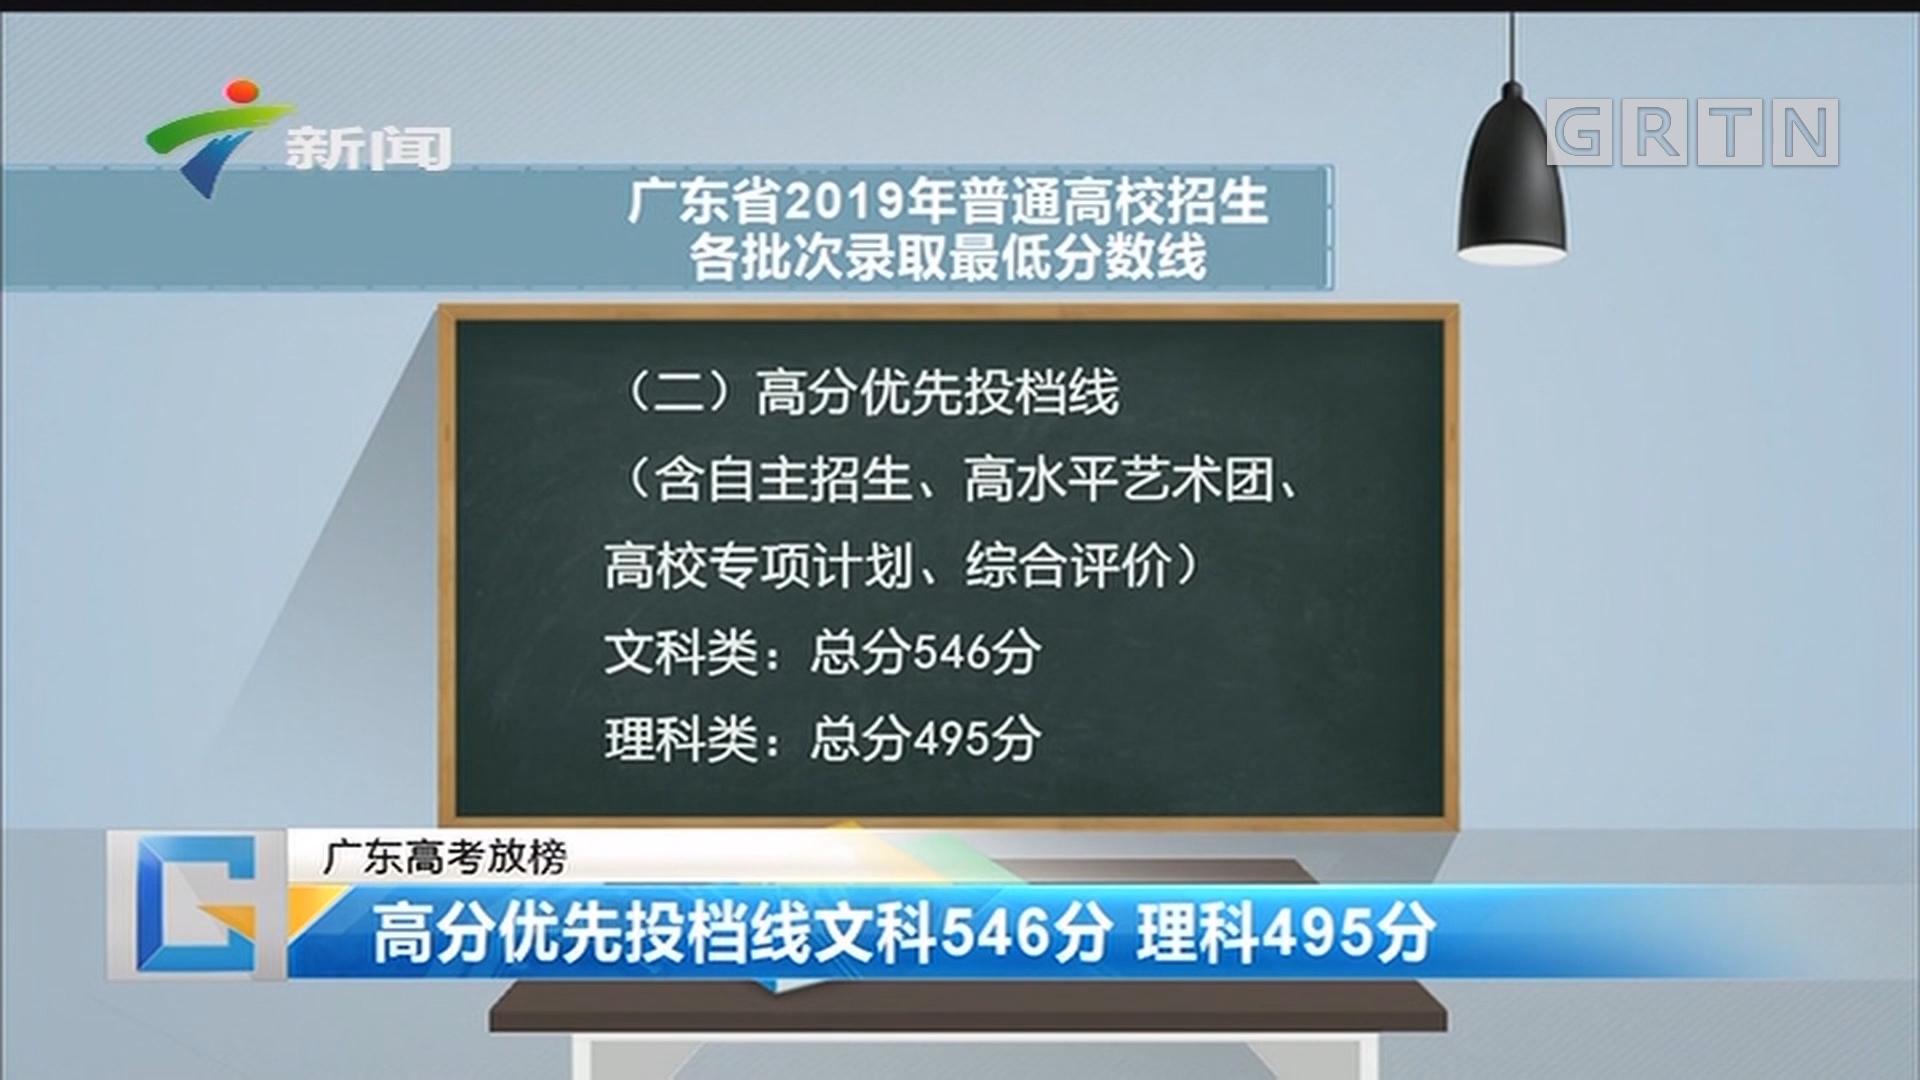 广东高考放榜:高分优先投档线文科546分 理科495分